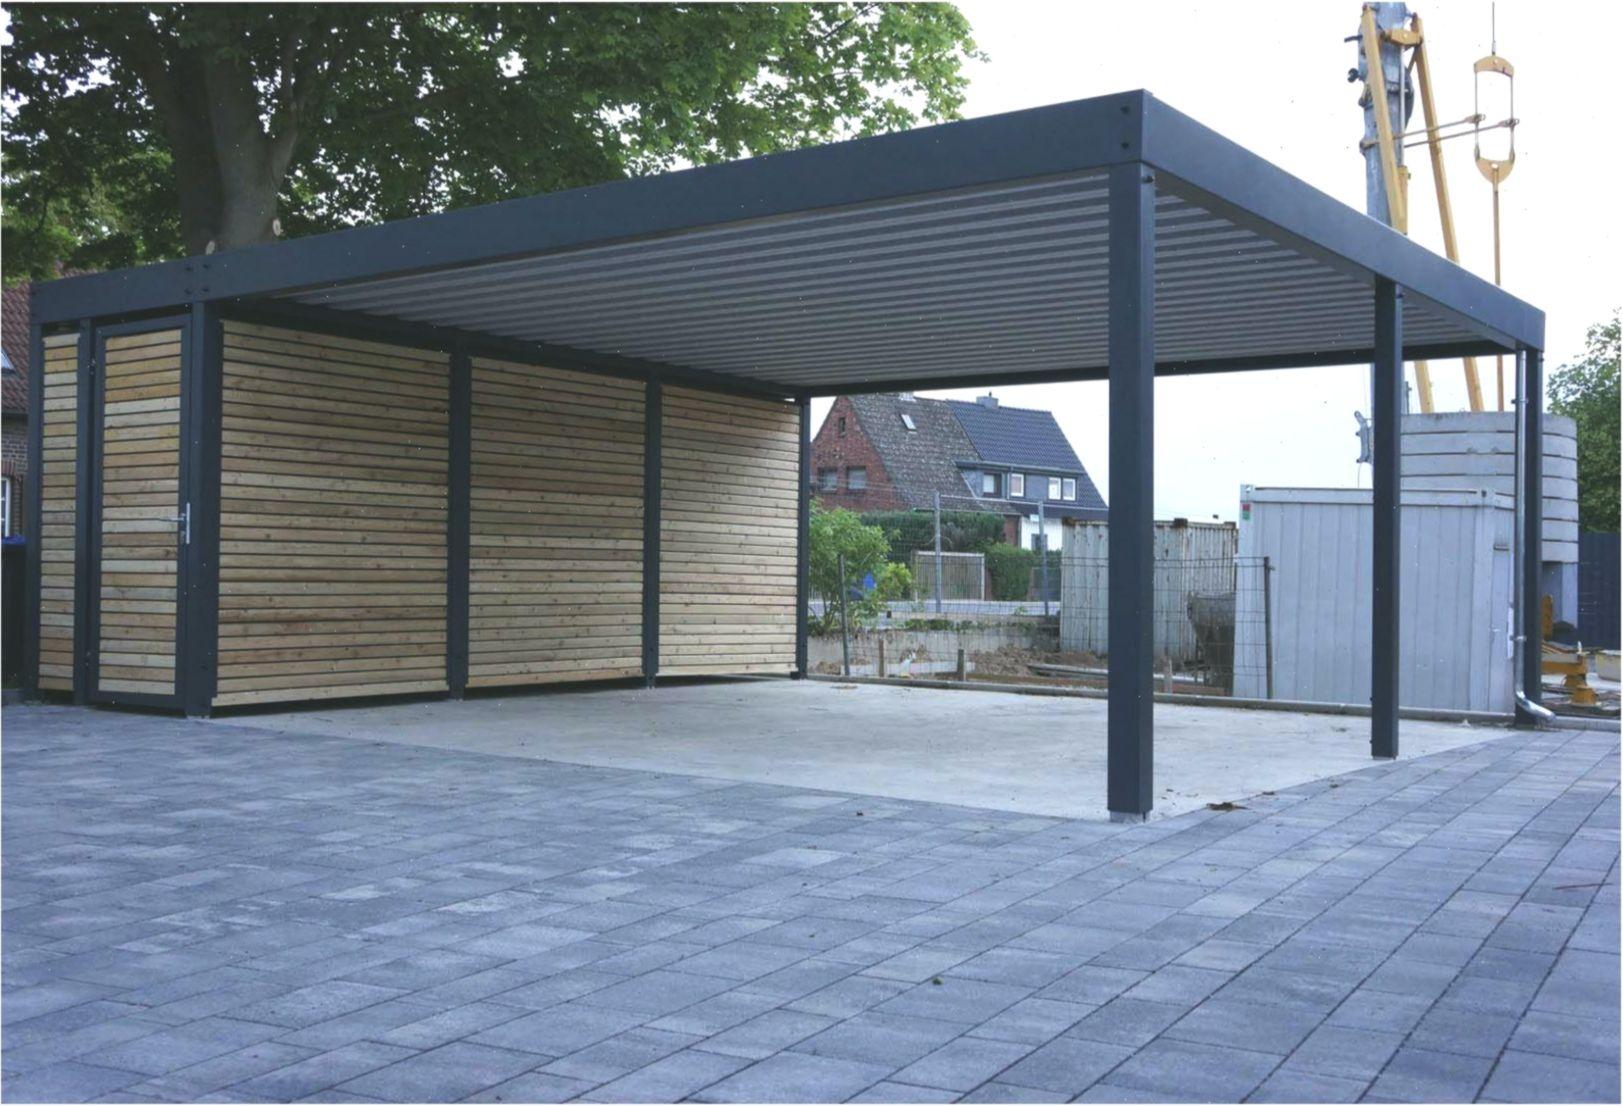 Design Metall Carport aus Holz Stahl mit Abstellraum Nürnberg Deutschland Stahl